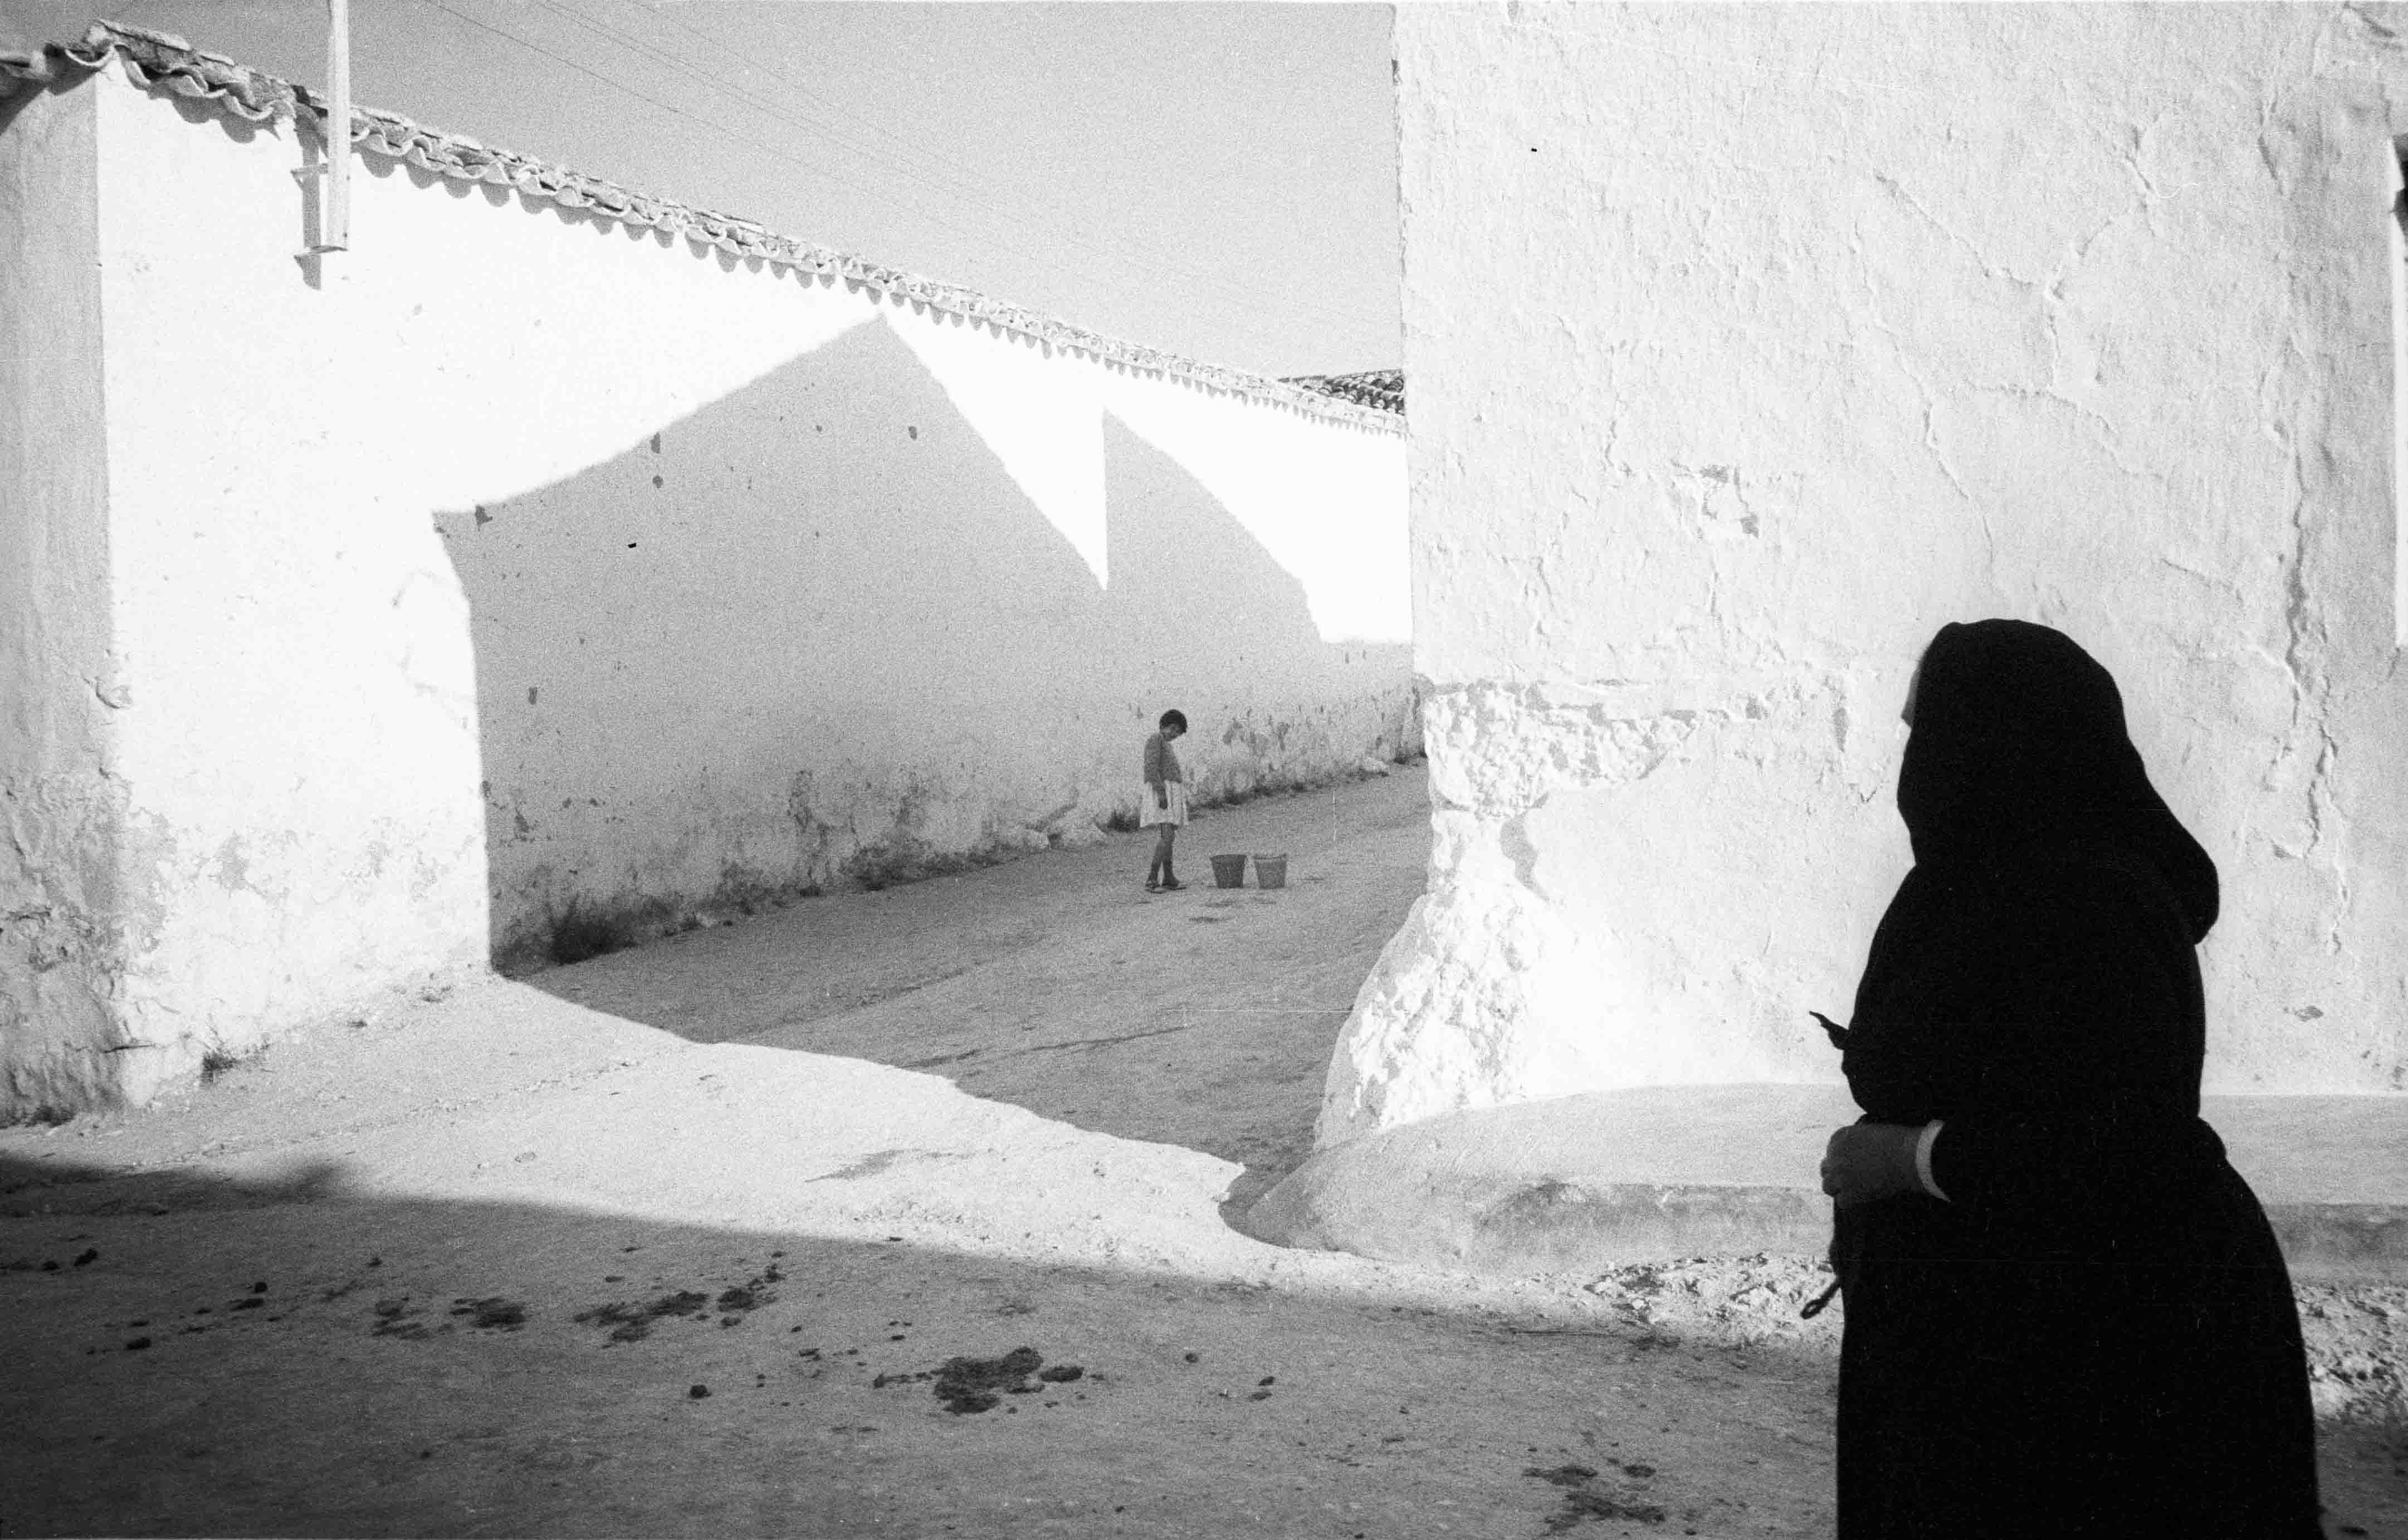 La Mancha 1960<br/>